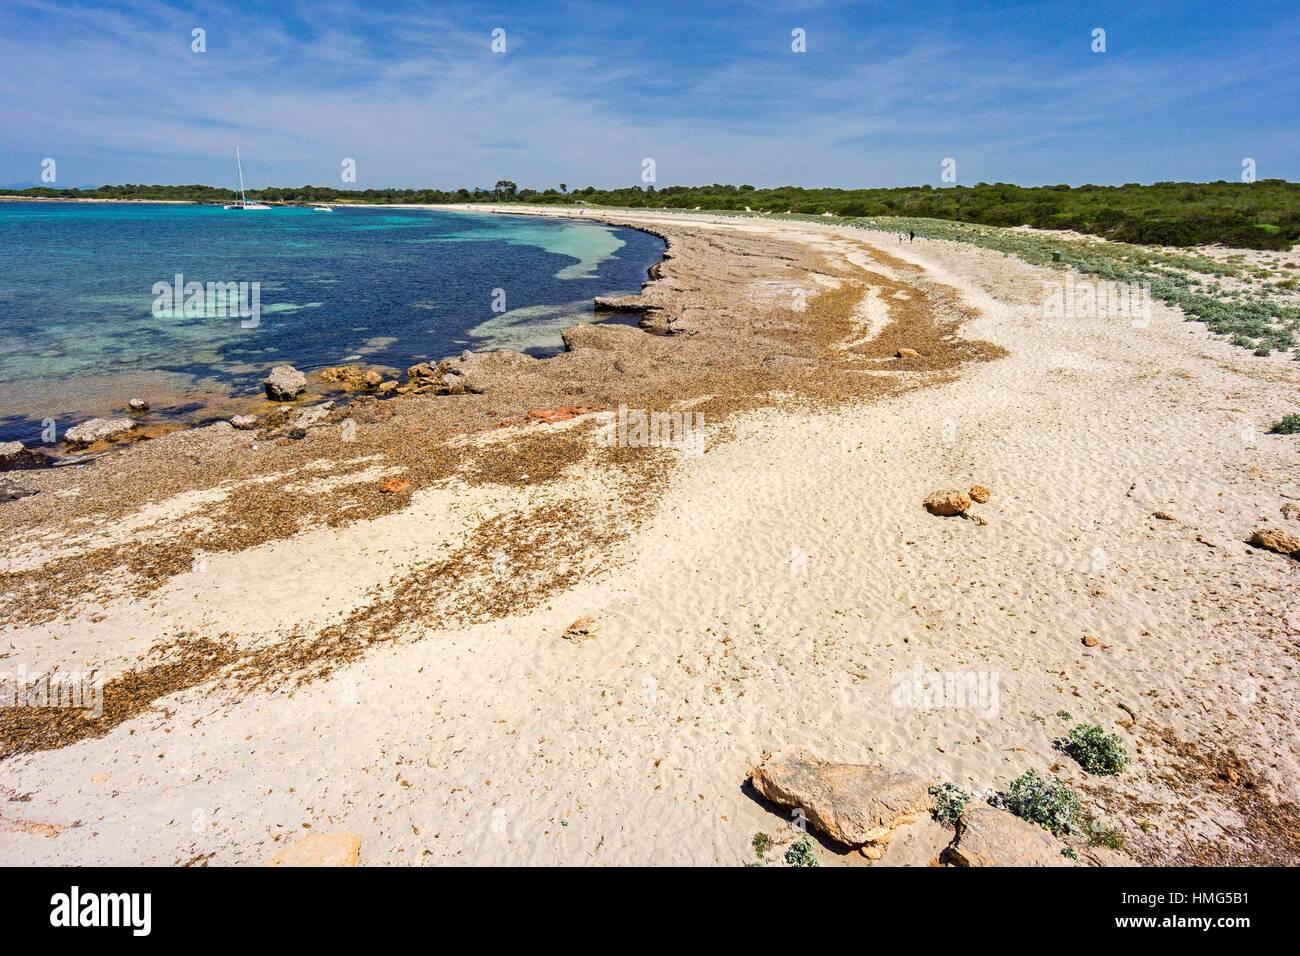 Platja des Caragol ,Santanyi, Ã. rea Natural de Especial Interés, Mallorca, Balearic Islands, Spain - Stock Image